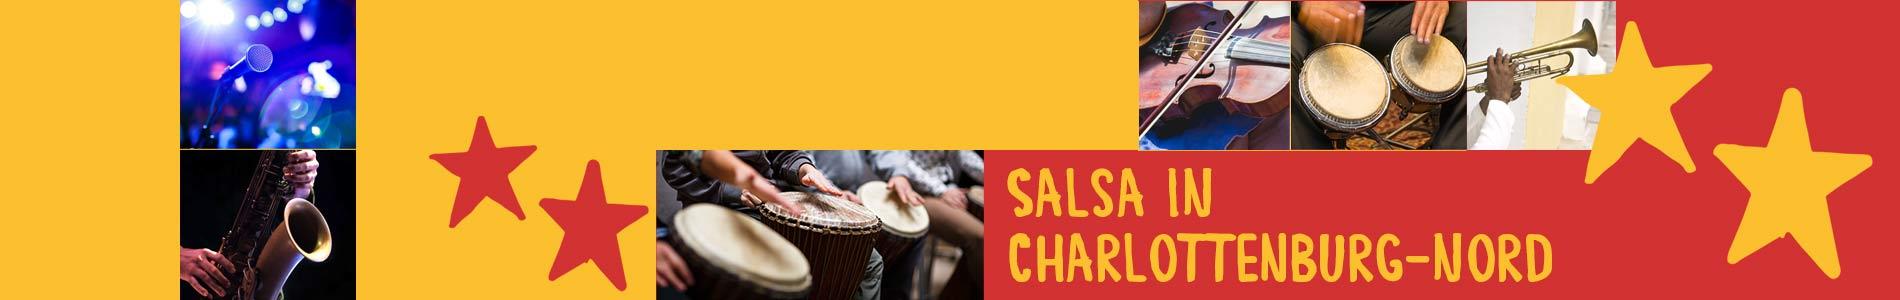 Salsa in Charlottenburg-Nord – Salsa lernen und tanzen, Tanzkurse, Partys, Veranstaltungen